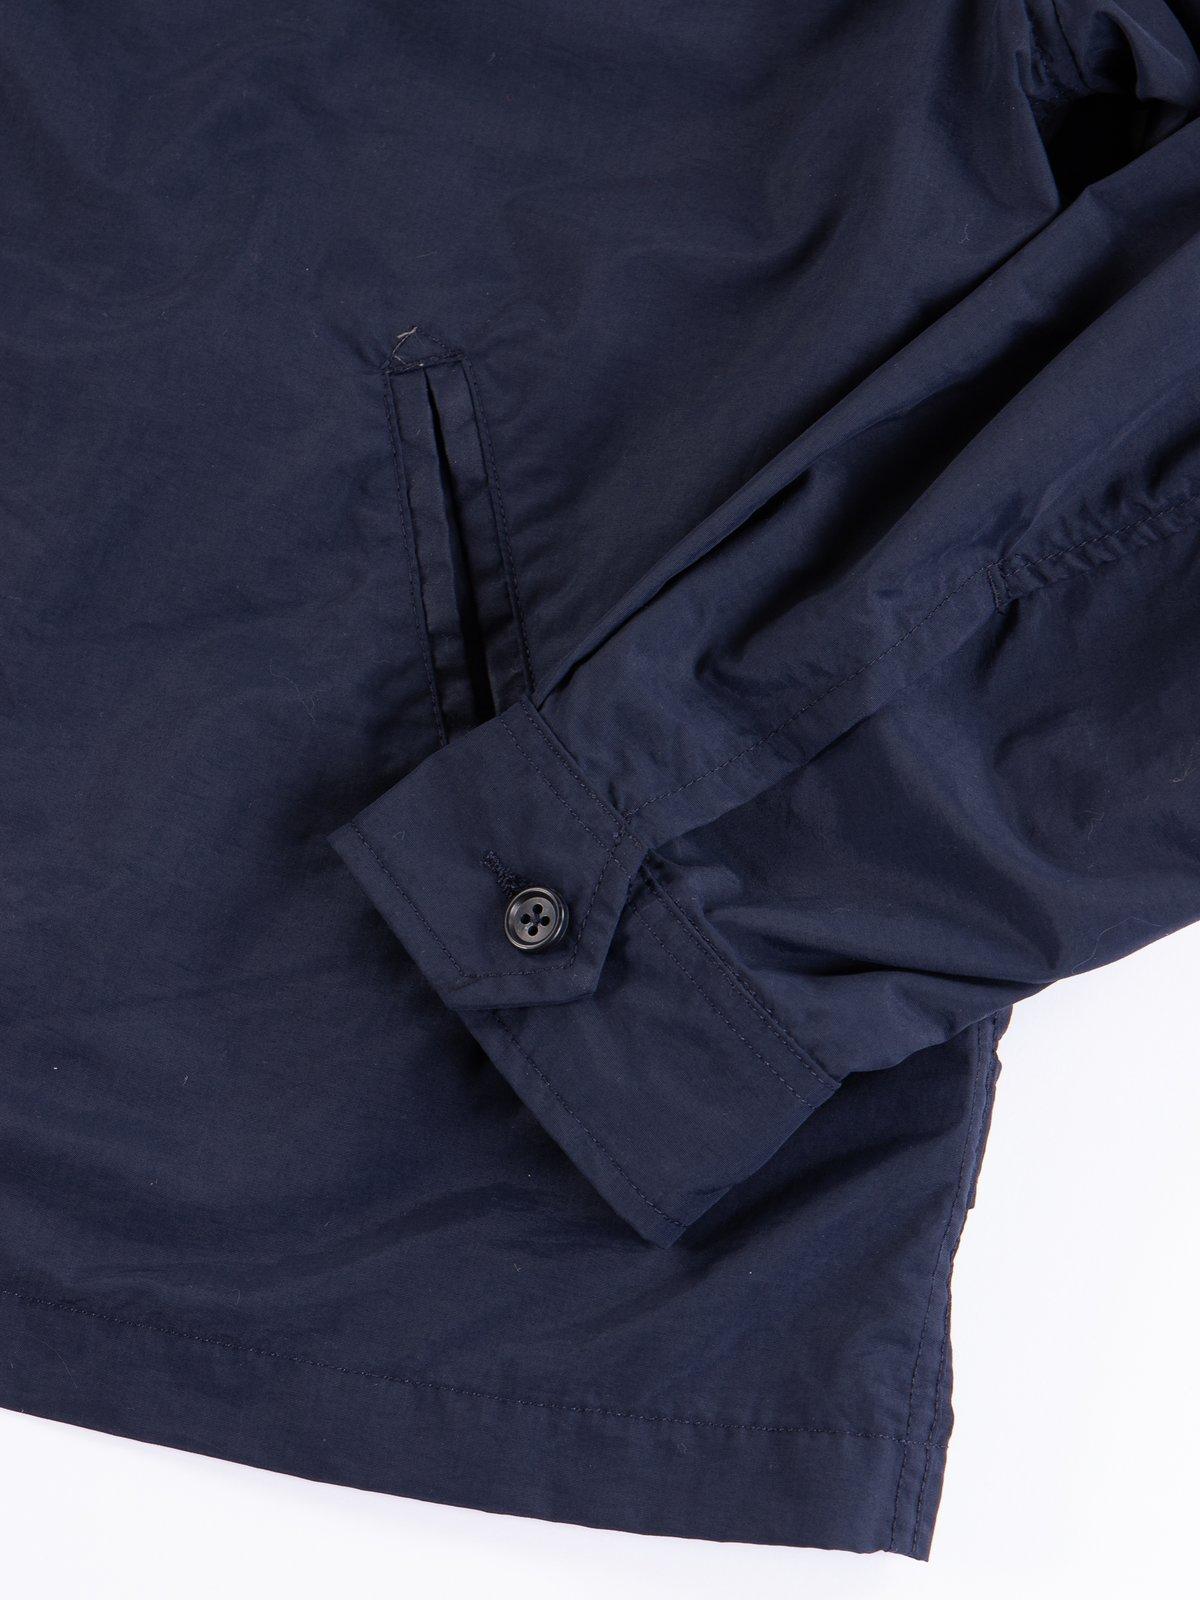 Navy Acrylic Coated Nylon Taffeta Driver Jacket - Image 4